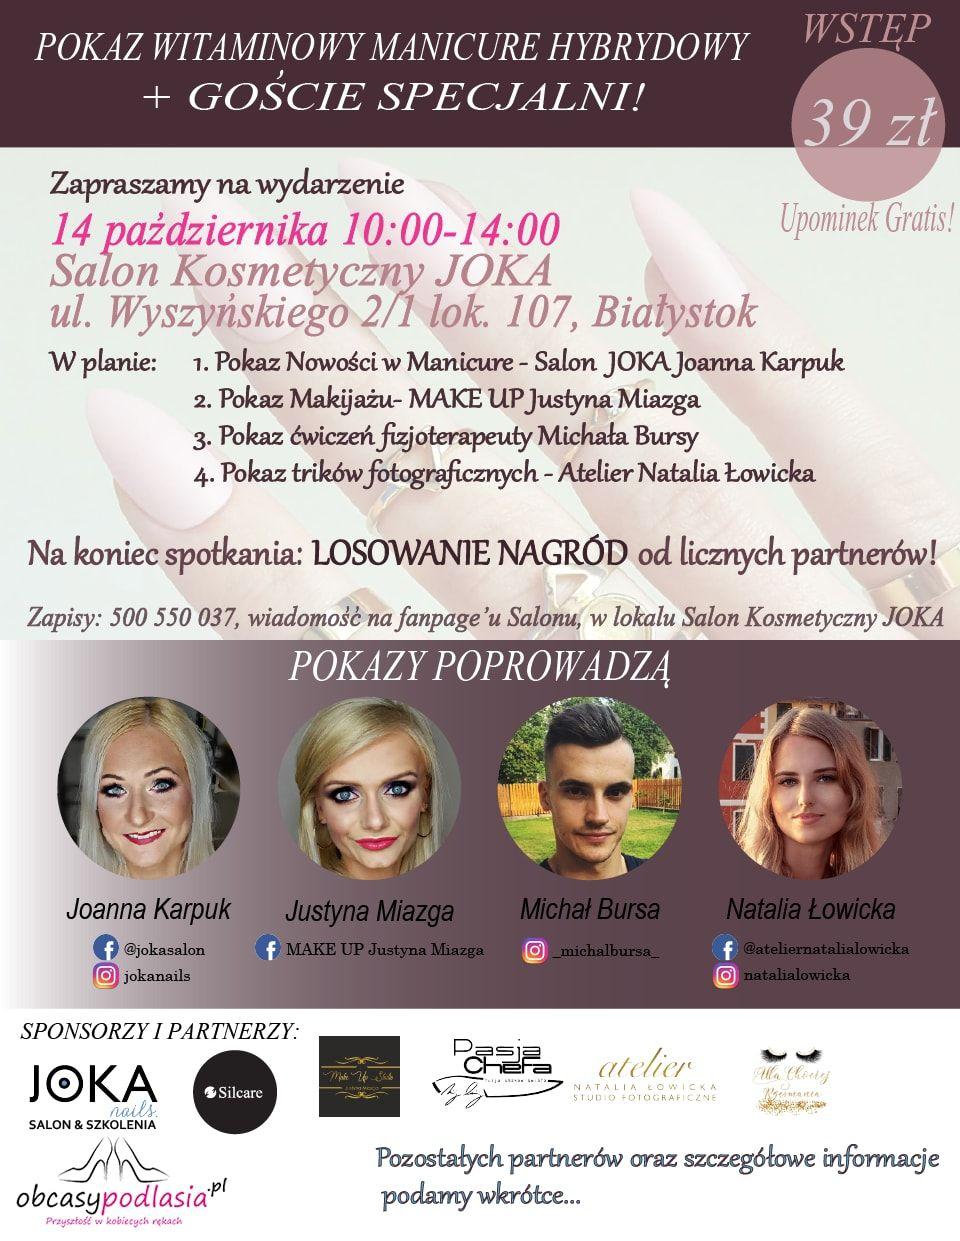 Salon Kosmetyczny JOKA zaprasza na event!